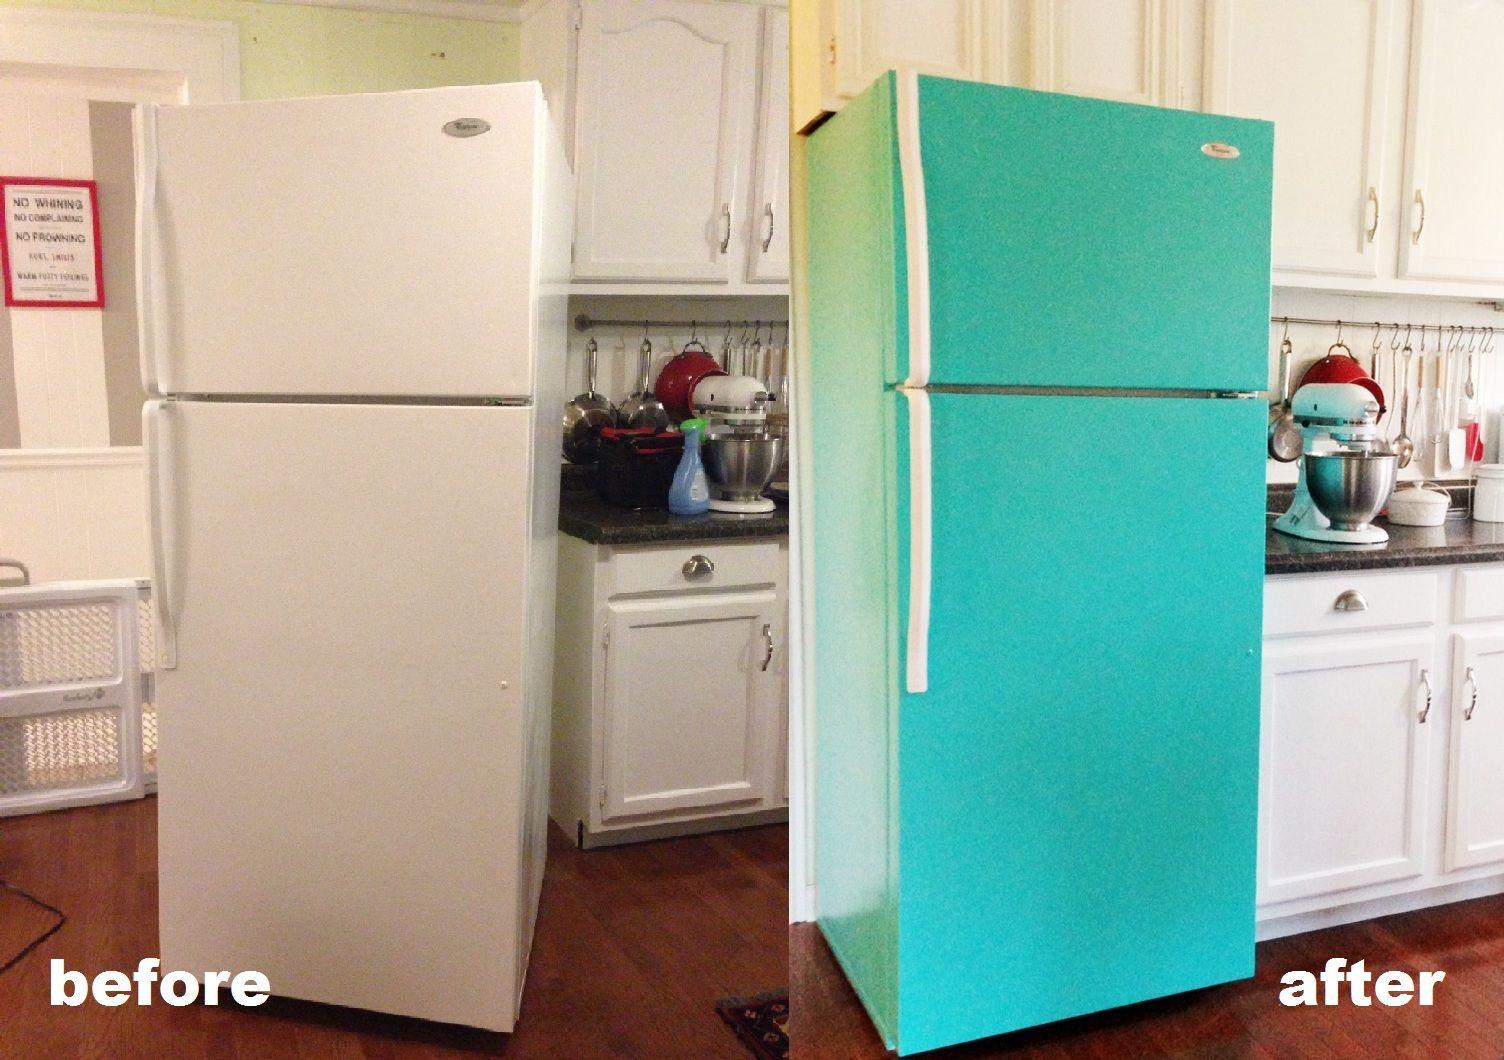 Vinil para renovar eletrodomésticos! Já usei e da uma cara nova para o ambiente! Bem durável!